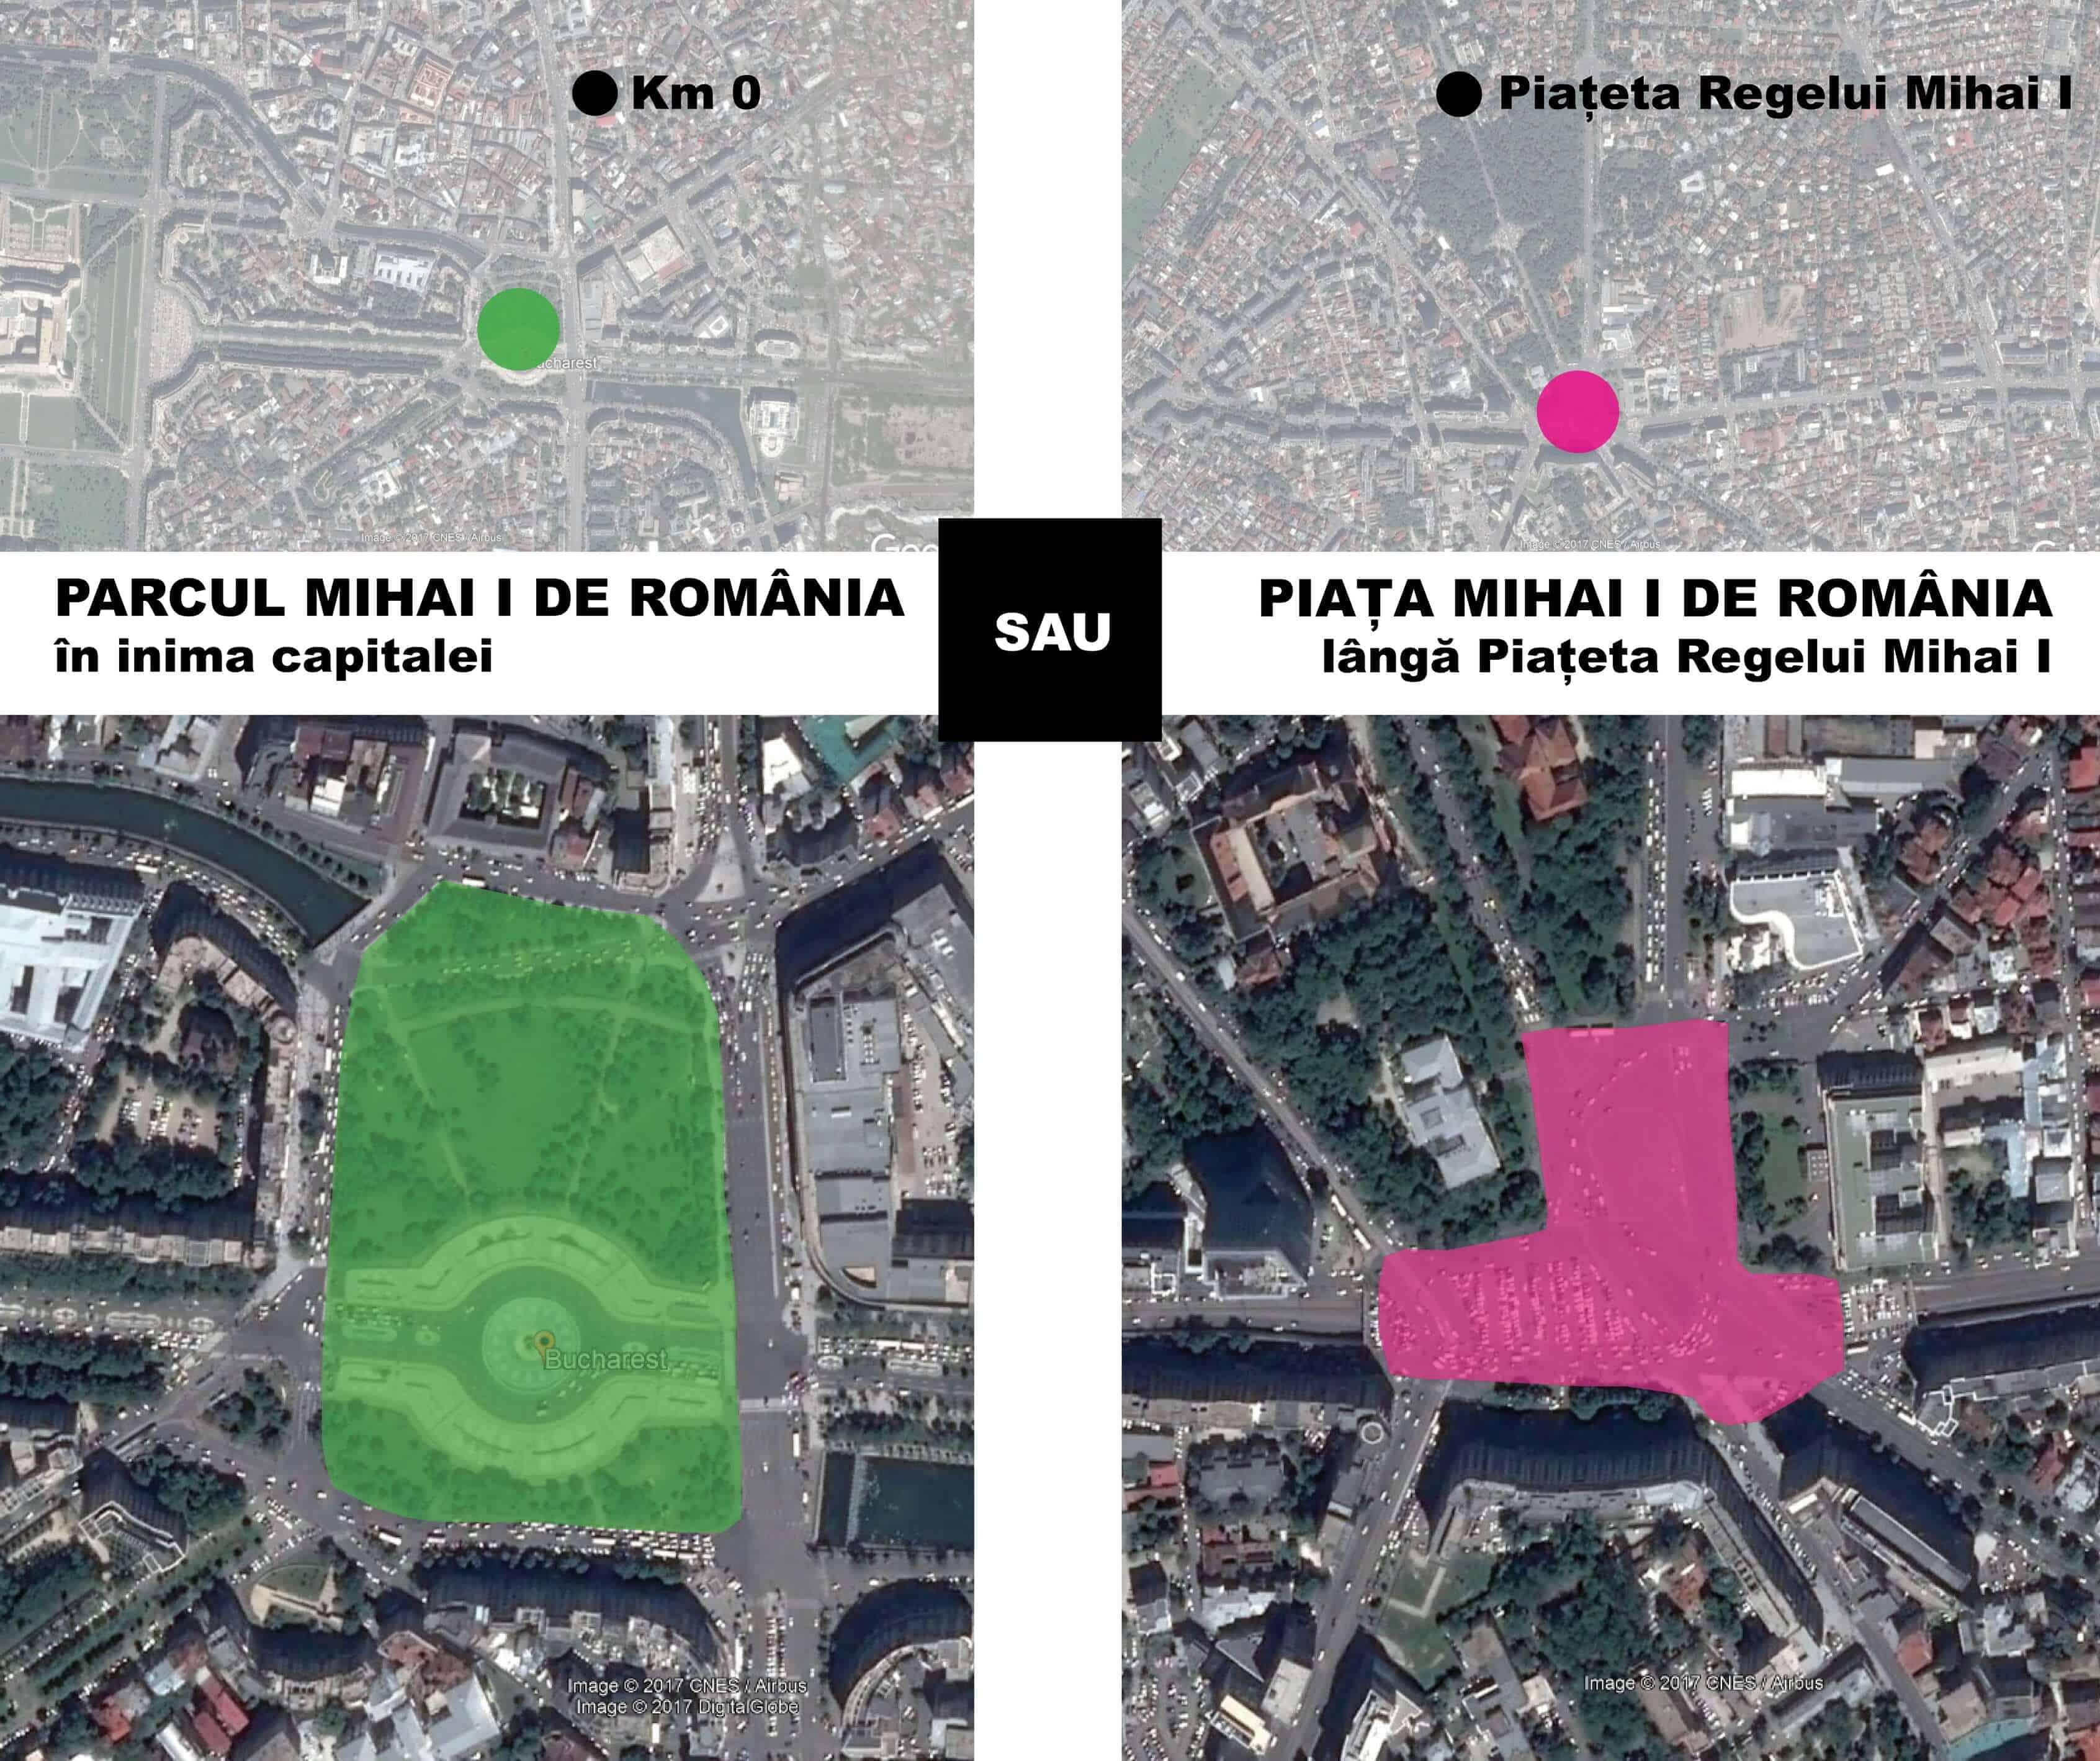 Parcul Mihai I de Romania